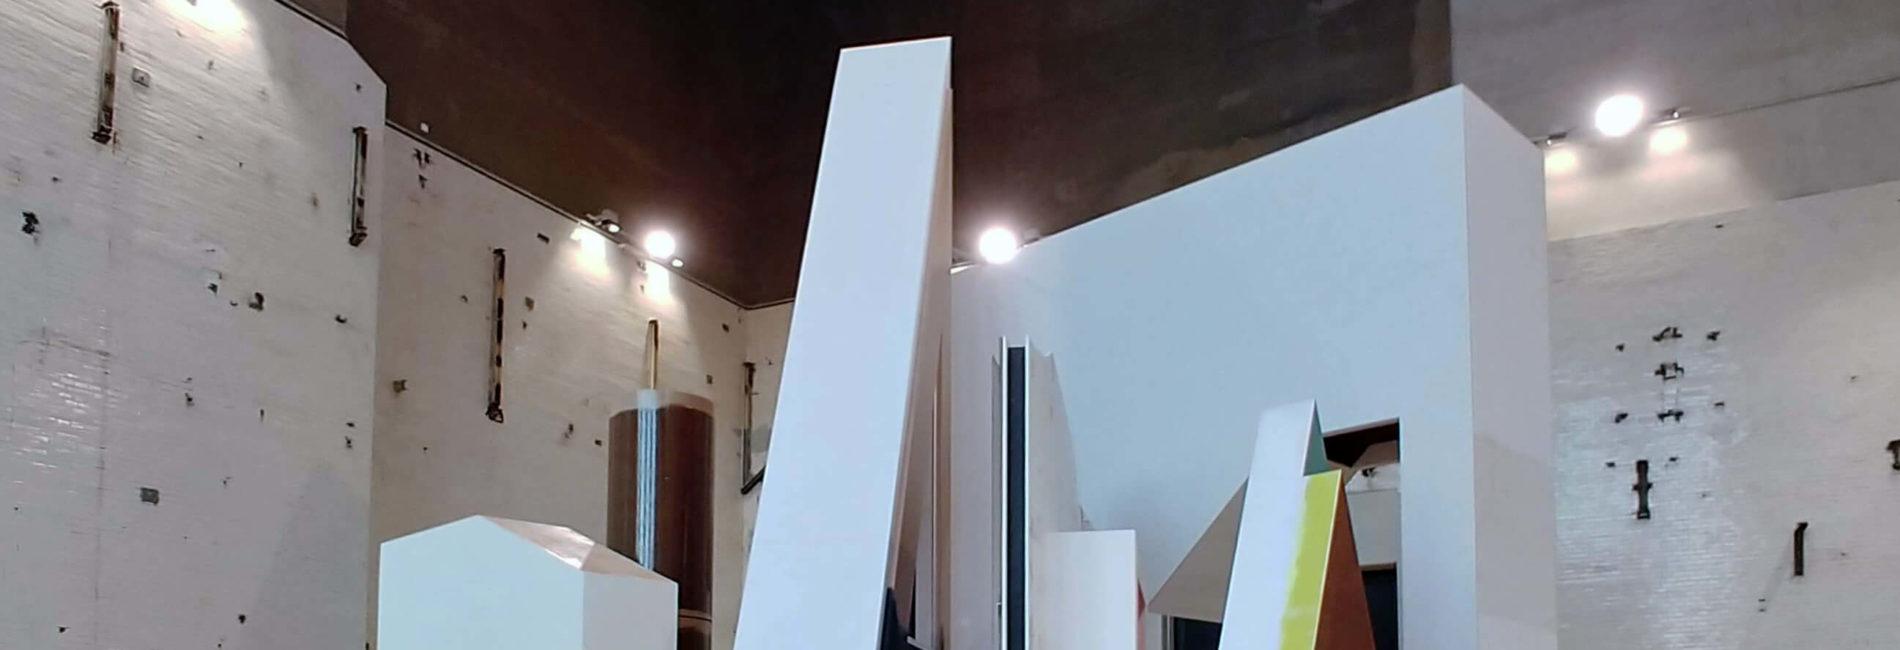 Contemporary Art in Berlin – My favorite spots